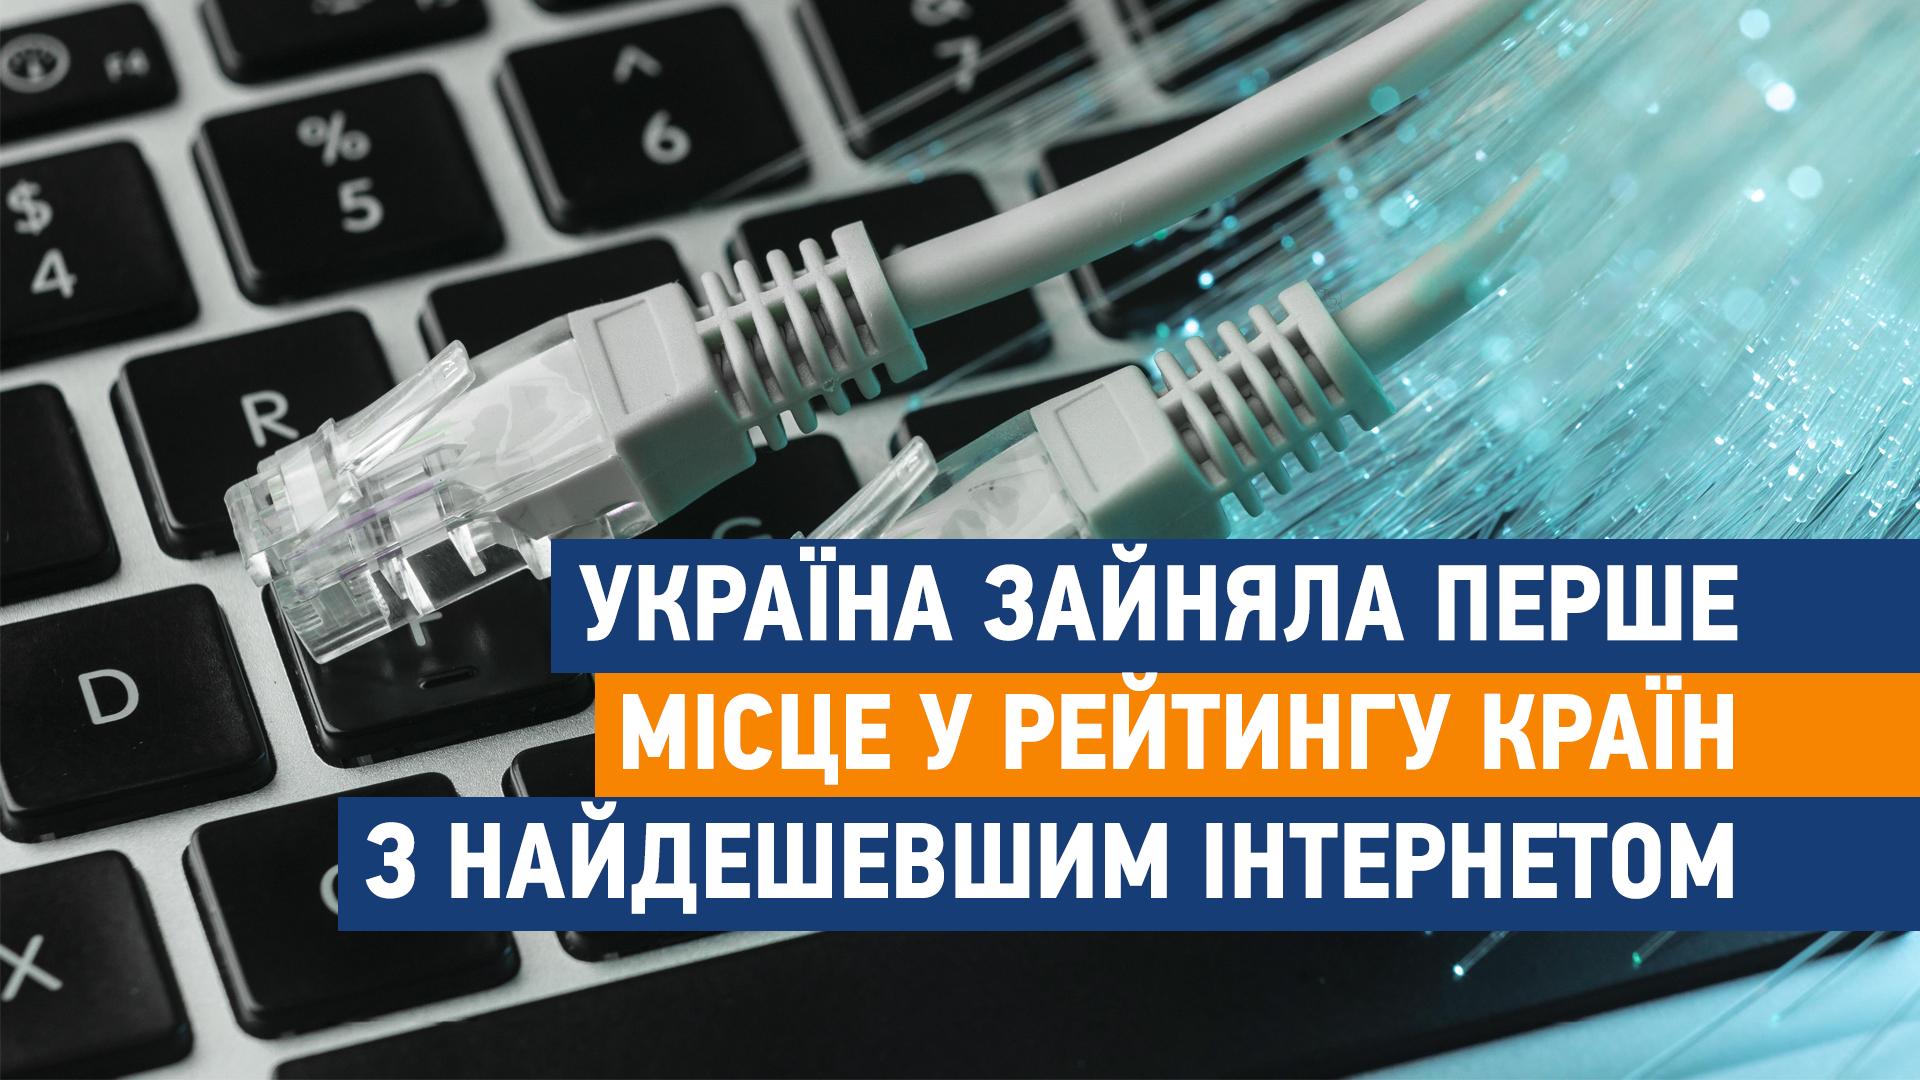 Україна зайняла перше місце у рейтингу країн з найдешевшим інтернетом - широкосмуговий інтернет, рейтинг, інтернет - uk ethernet poglyad